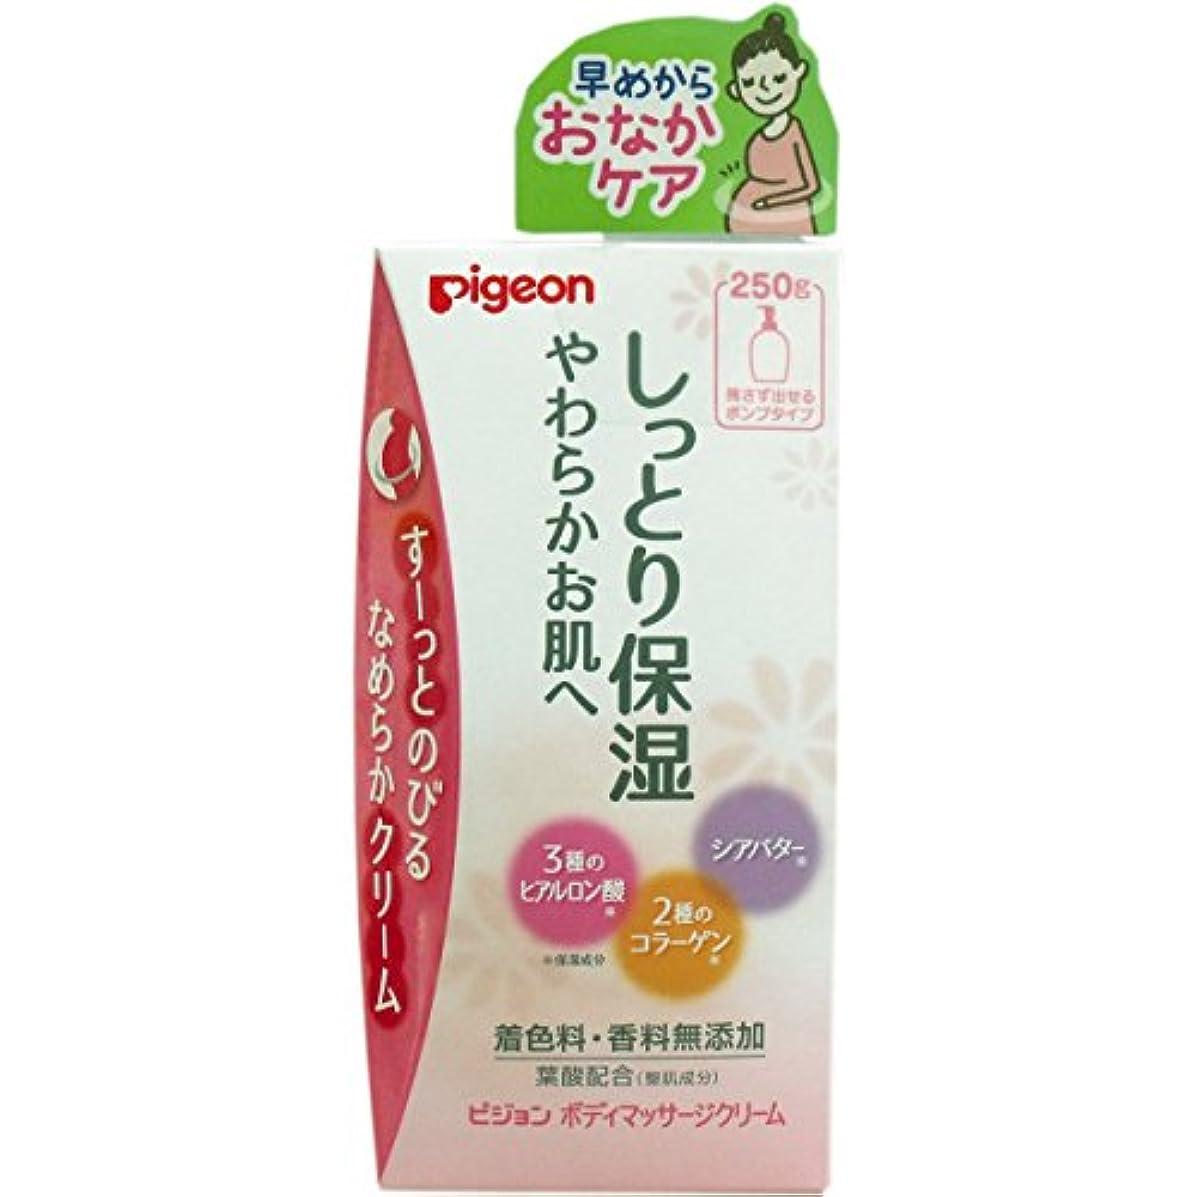 妊娠した探す感謝祭ピジョン ボディマッサージクリーム 250g ×5個セット